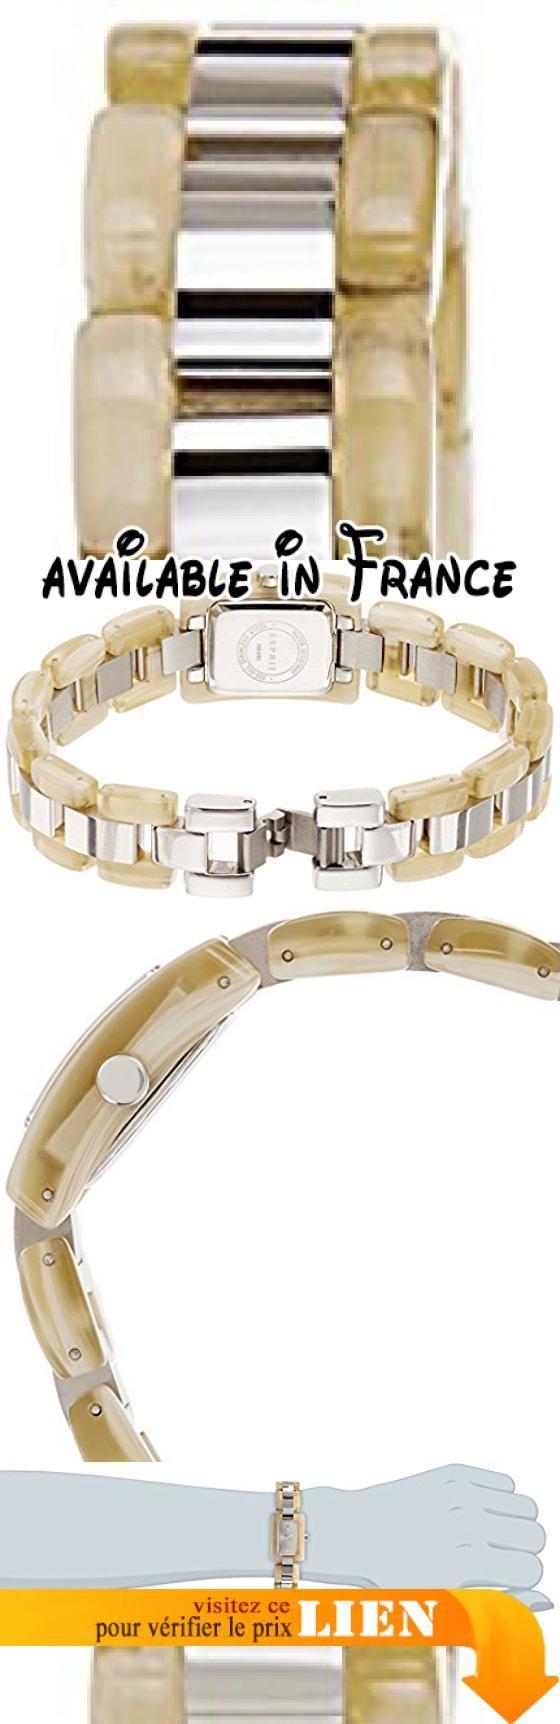 B00FKT4JNK : Esprit - ES106492001 - Montre Femme - Quartz - Analogique - Bracelet Acier inoxydable multicolore. Montre élégante simple et à la mode approprié pour la vie quotidienne de toutes les femmes. Bracelet multicolore en acier inoxydable avec clip - mesures du bracelet : longueur : 18.5 cm largeur : 14 mm. Boîtier rectangulaire dimensions du boîtier : 15x18 mm épaisseur du boîtier : 7.6 mm et la couleur du boîtier : argenté couleur du cadran : argenté.